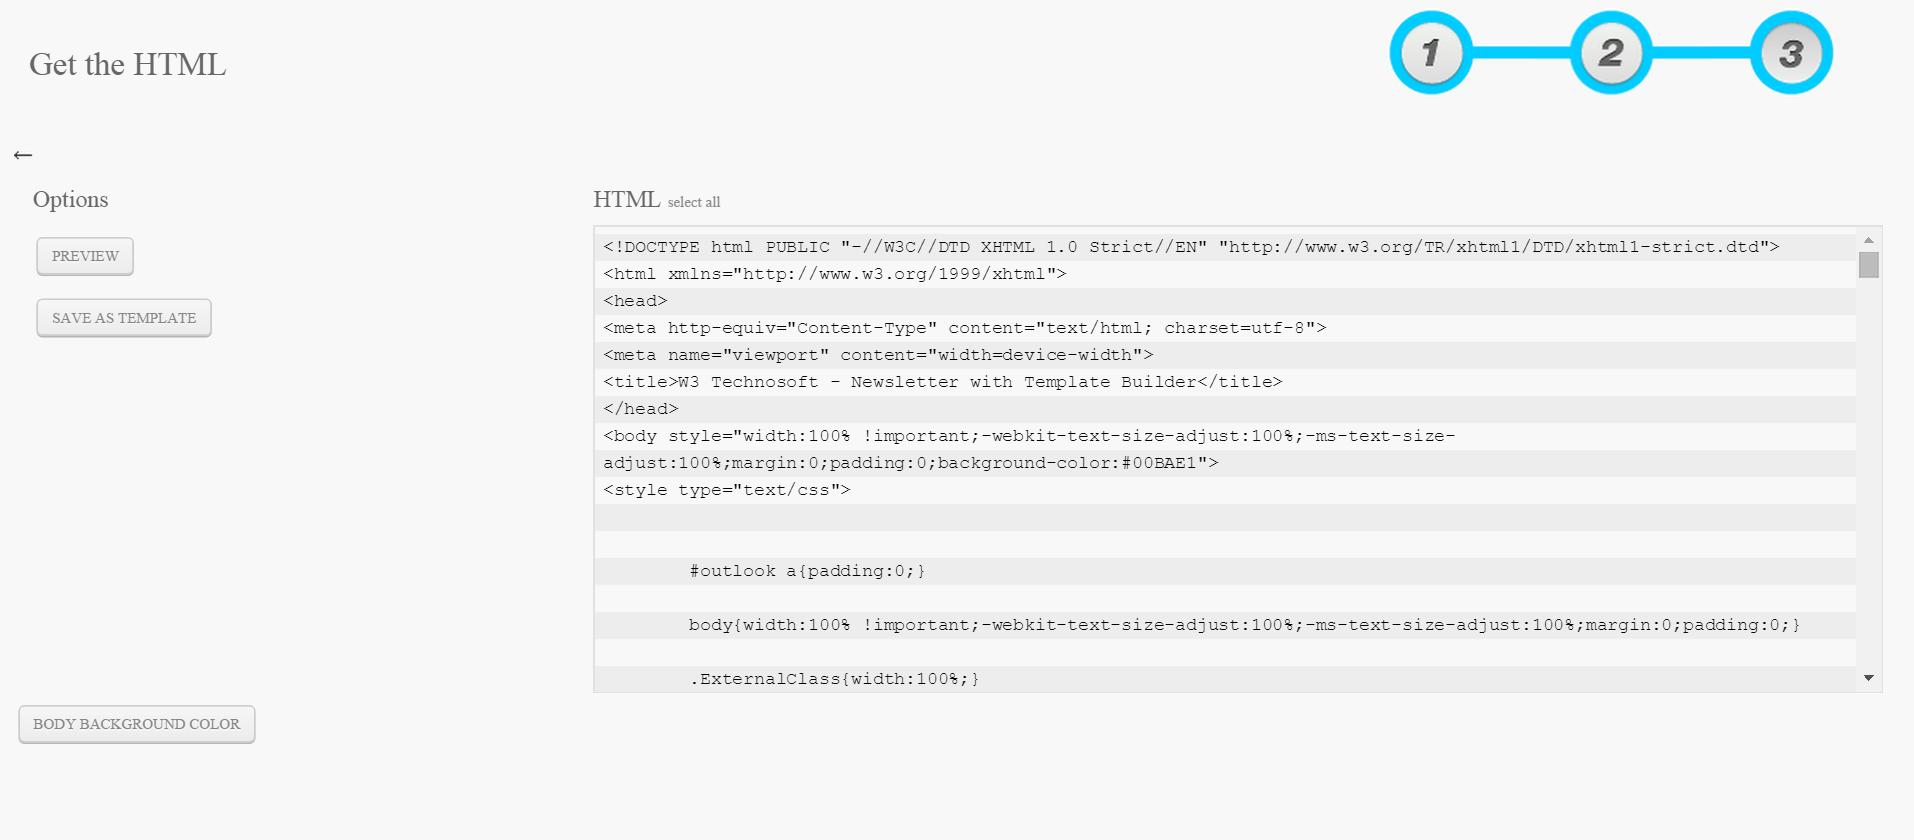 Großzügig W3c Html Vorlage Bilder - Entry Level Resume Vorlagen ...